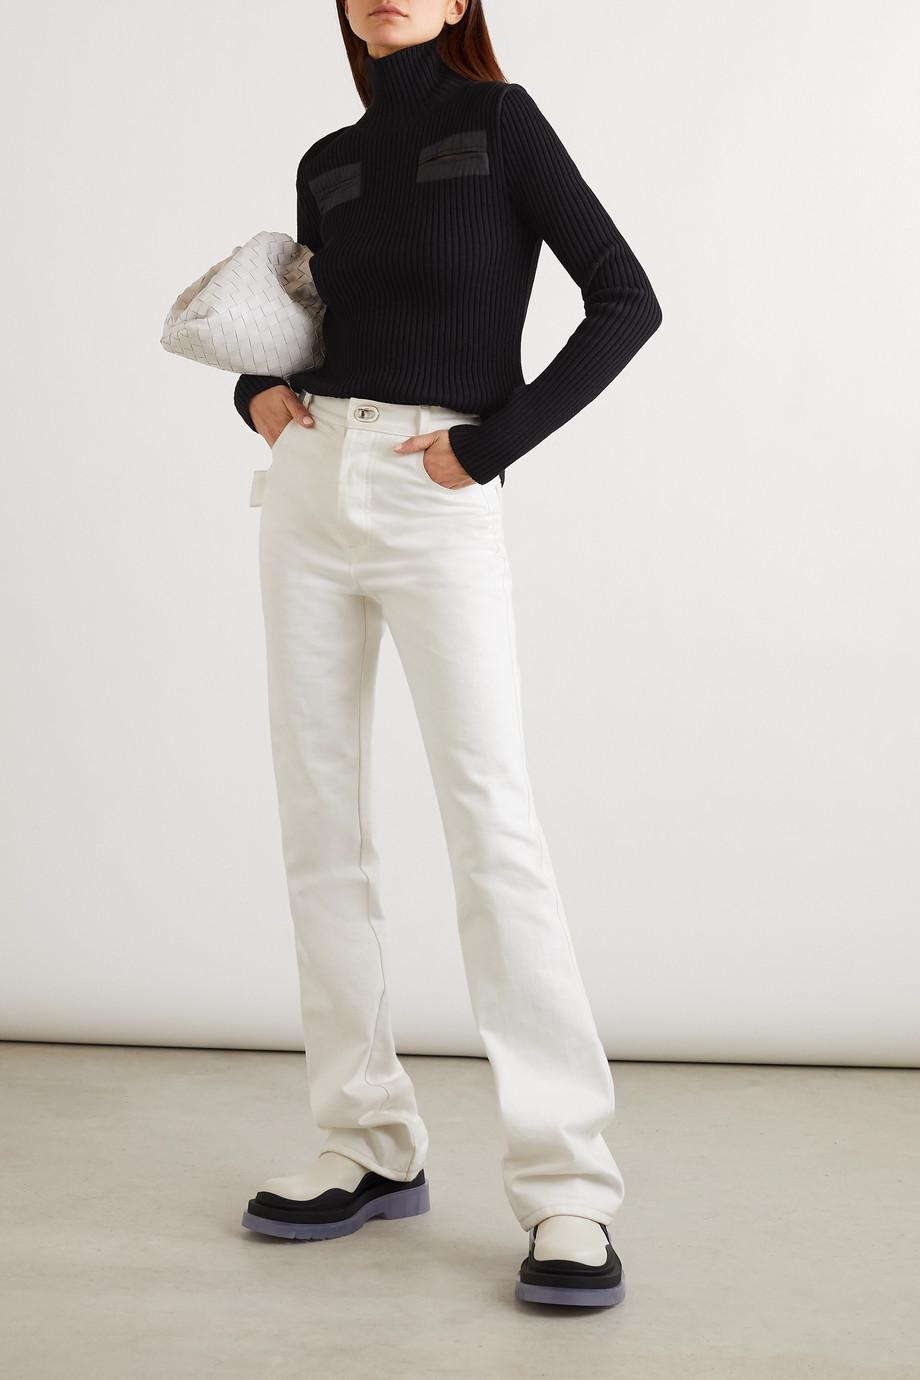 Bottega Veneta Rollkragenpullover aus einer gerippten Wollmischung mit Shell-Einsätzen mit Cut-outs